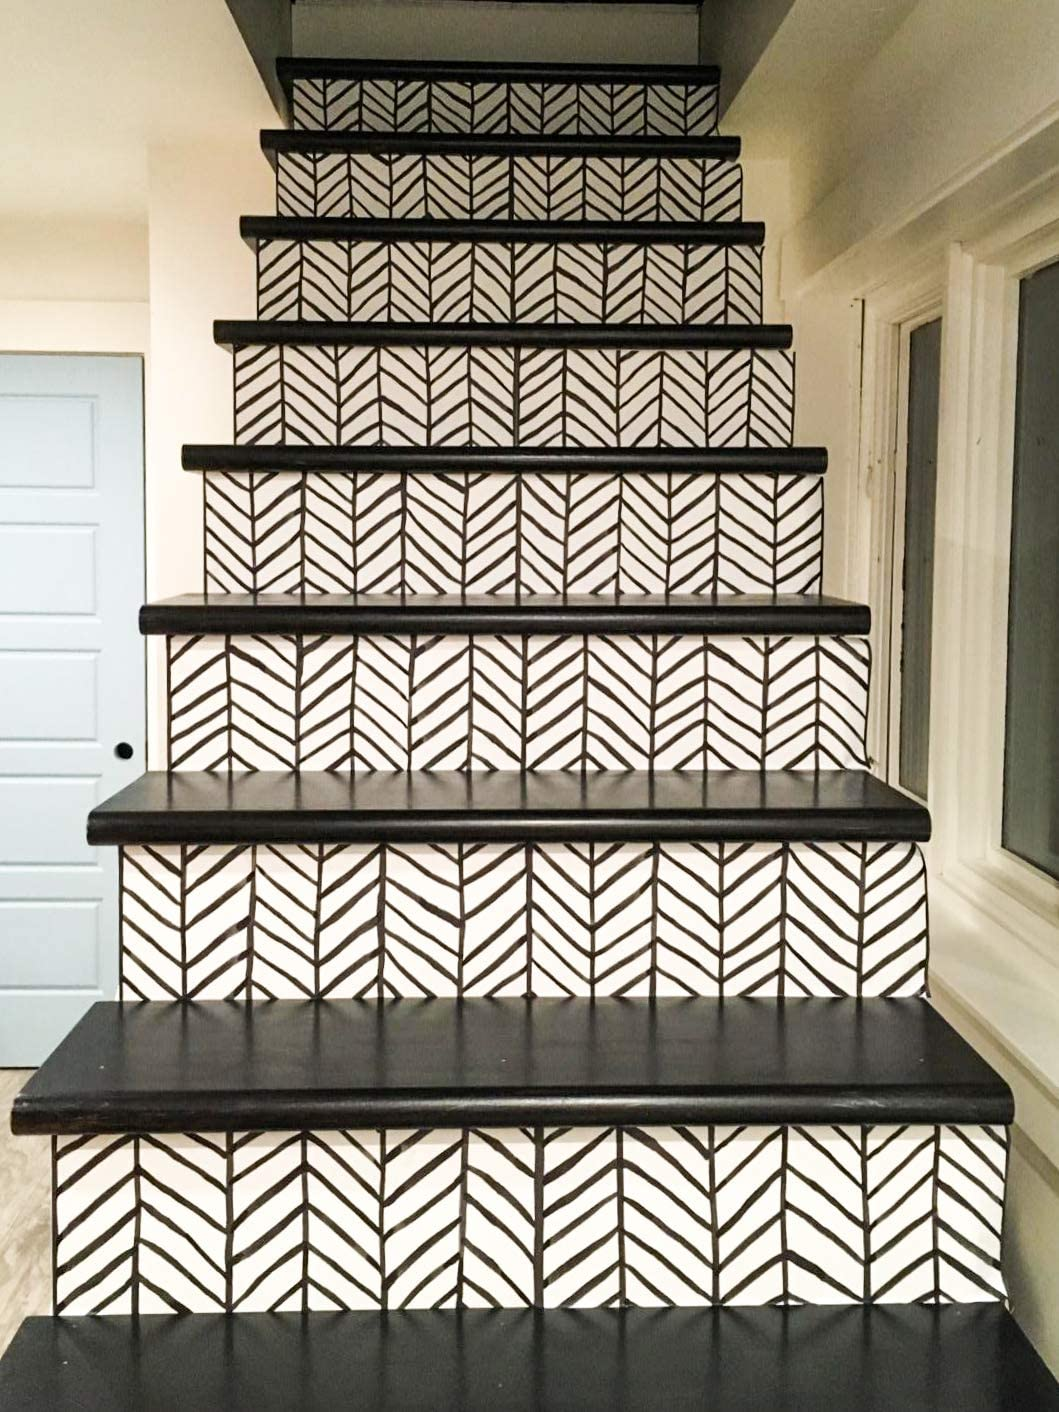 pared lateral Papel pintado autoadhesivo de vinilo impermeable con l/íneas de espiga puerta delantera color negro y blanco ConCus-T escaleras para cocina ba/ño